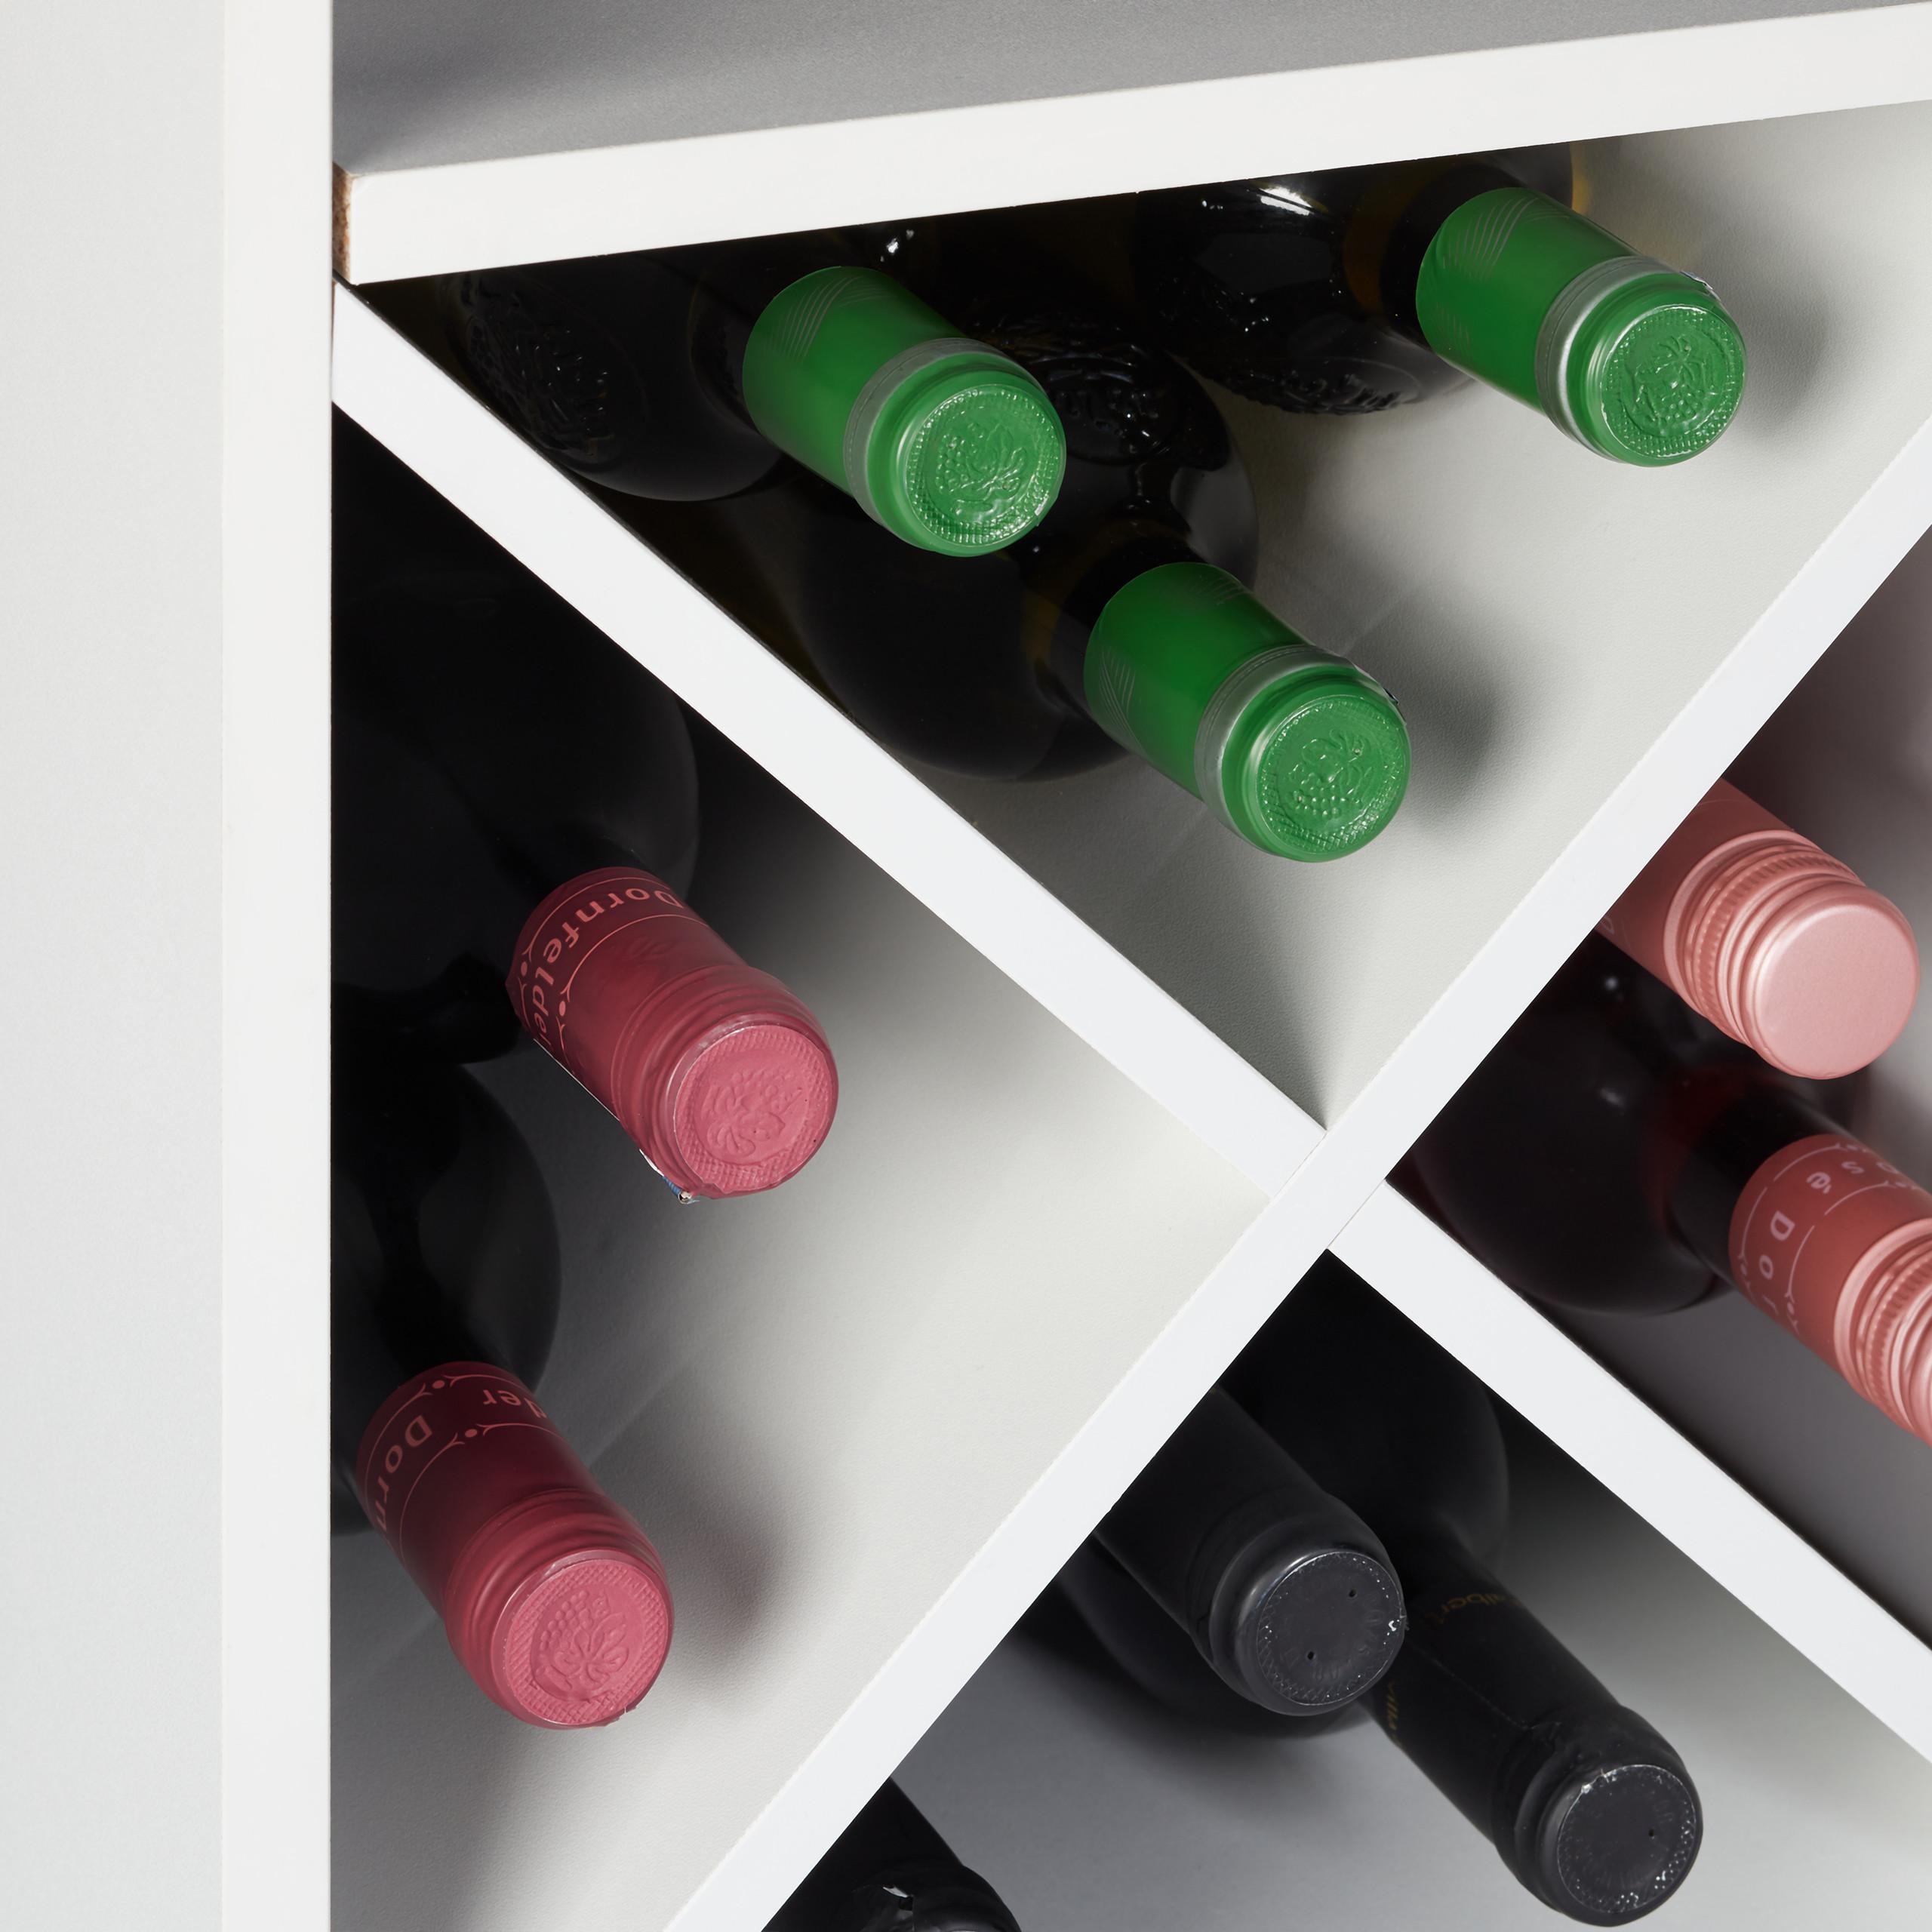 Indexbild 28 - Weinregal XL Hausbar 22 Weinflaschen Regal Weinständer Weinaufbewahrung Barmöbel